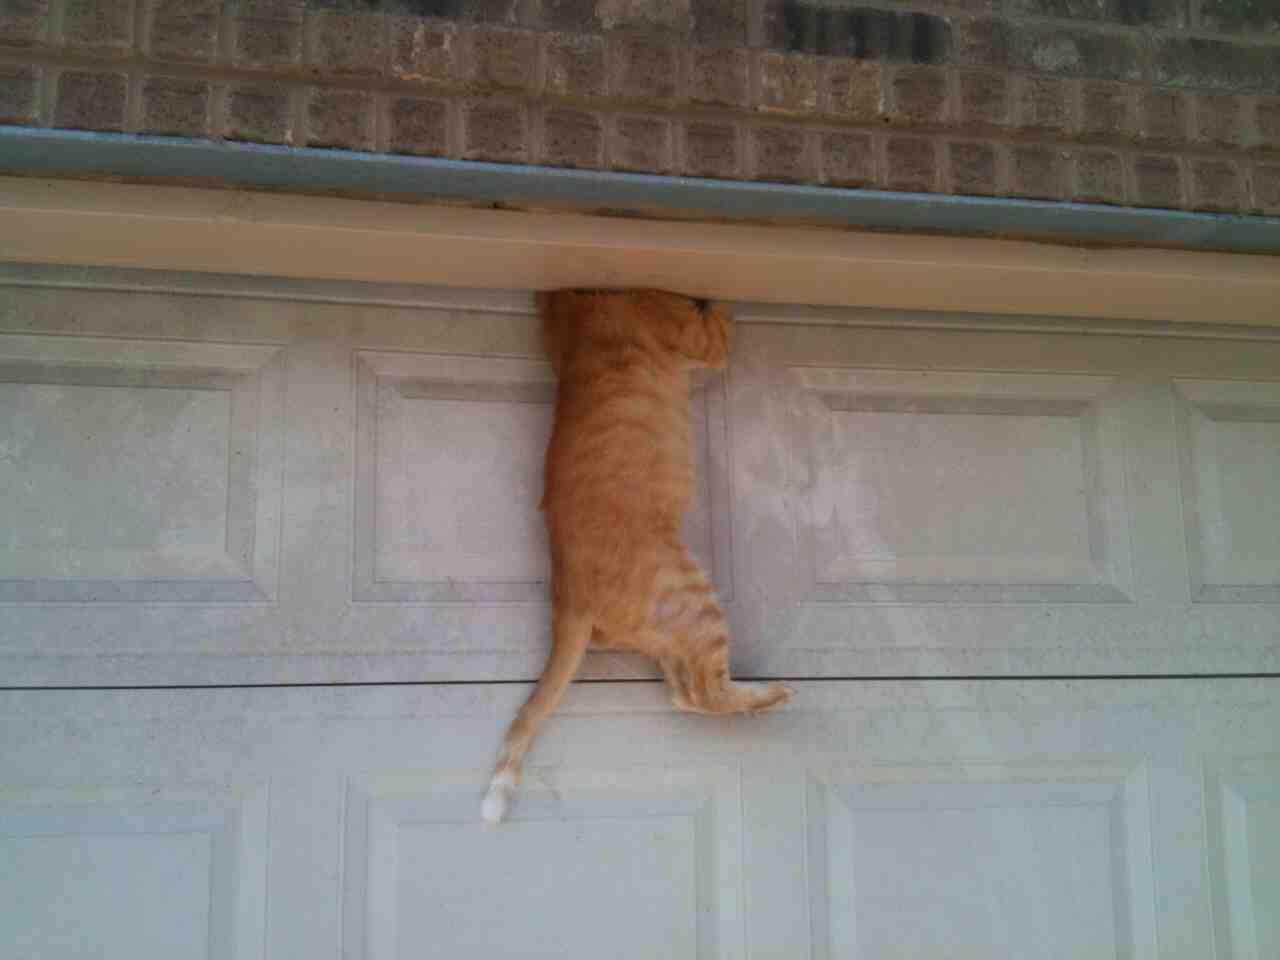 Mouse Proof Dog Door : My cat fell asleep on top of the garage door then this